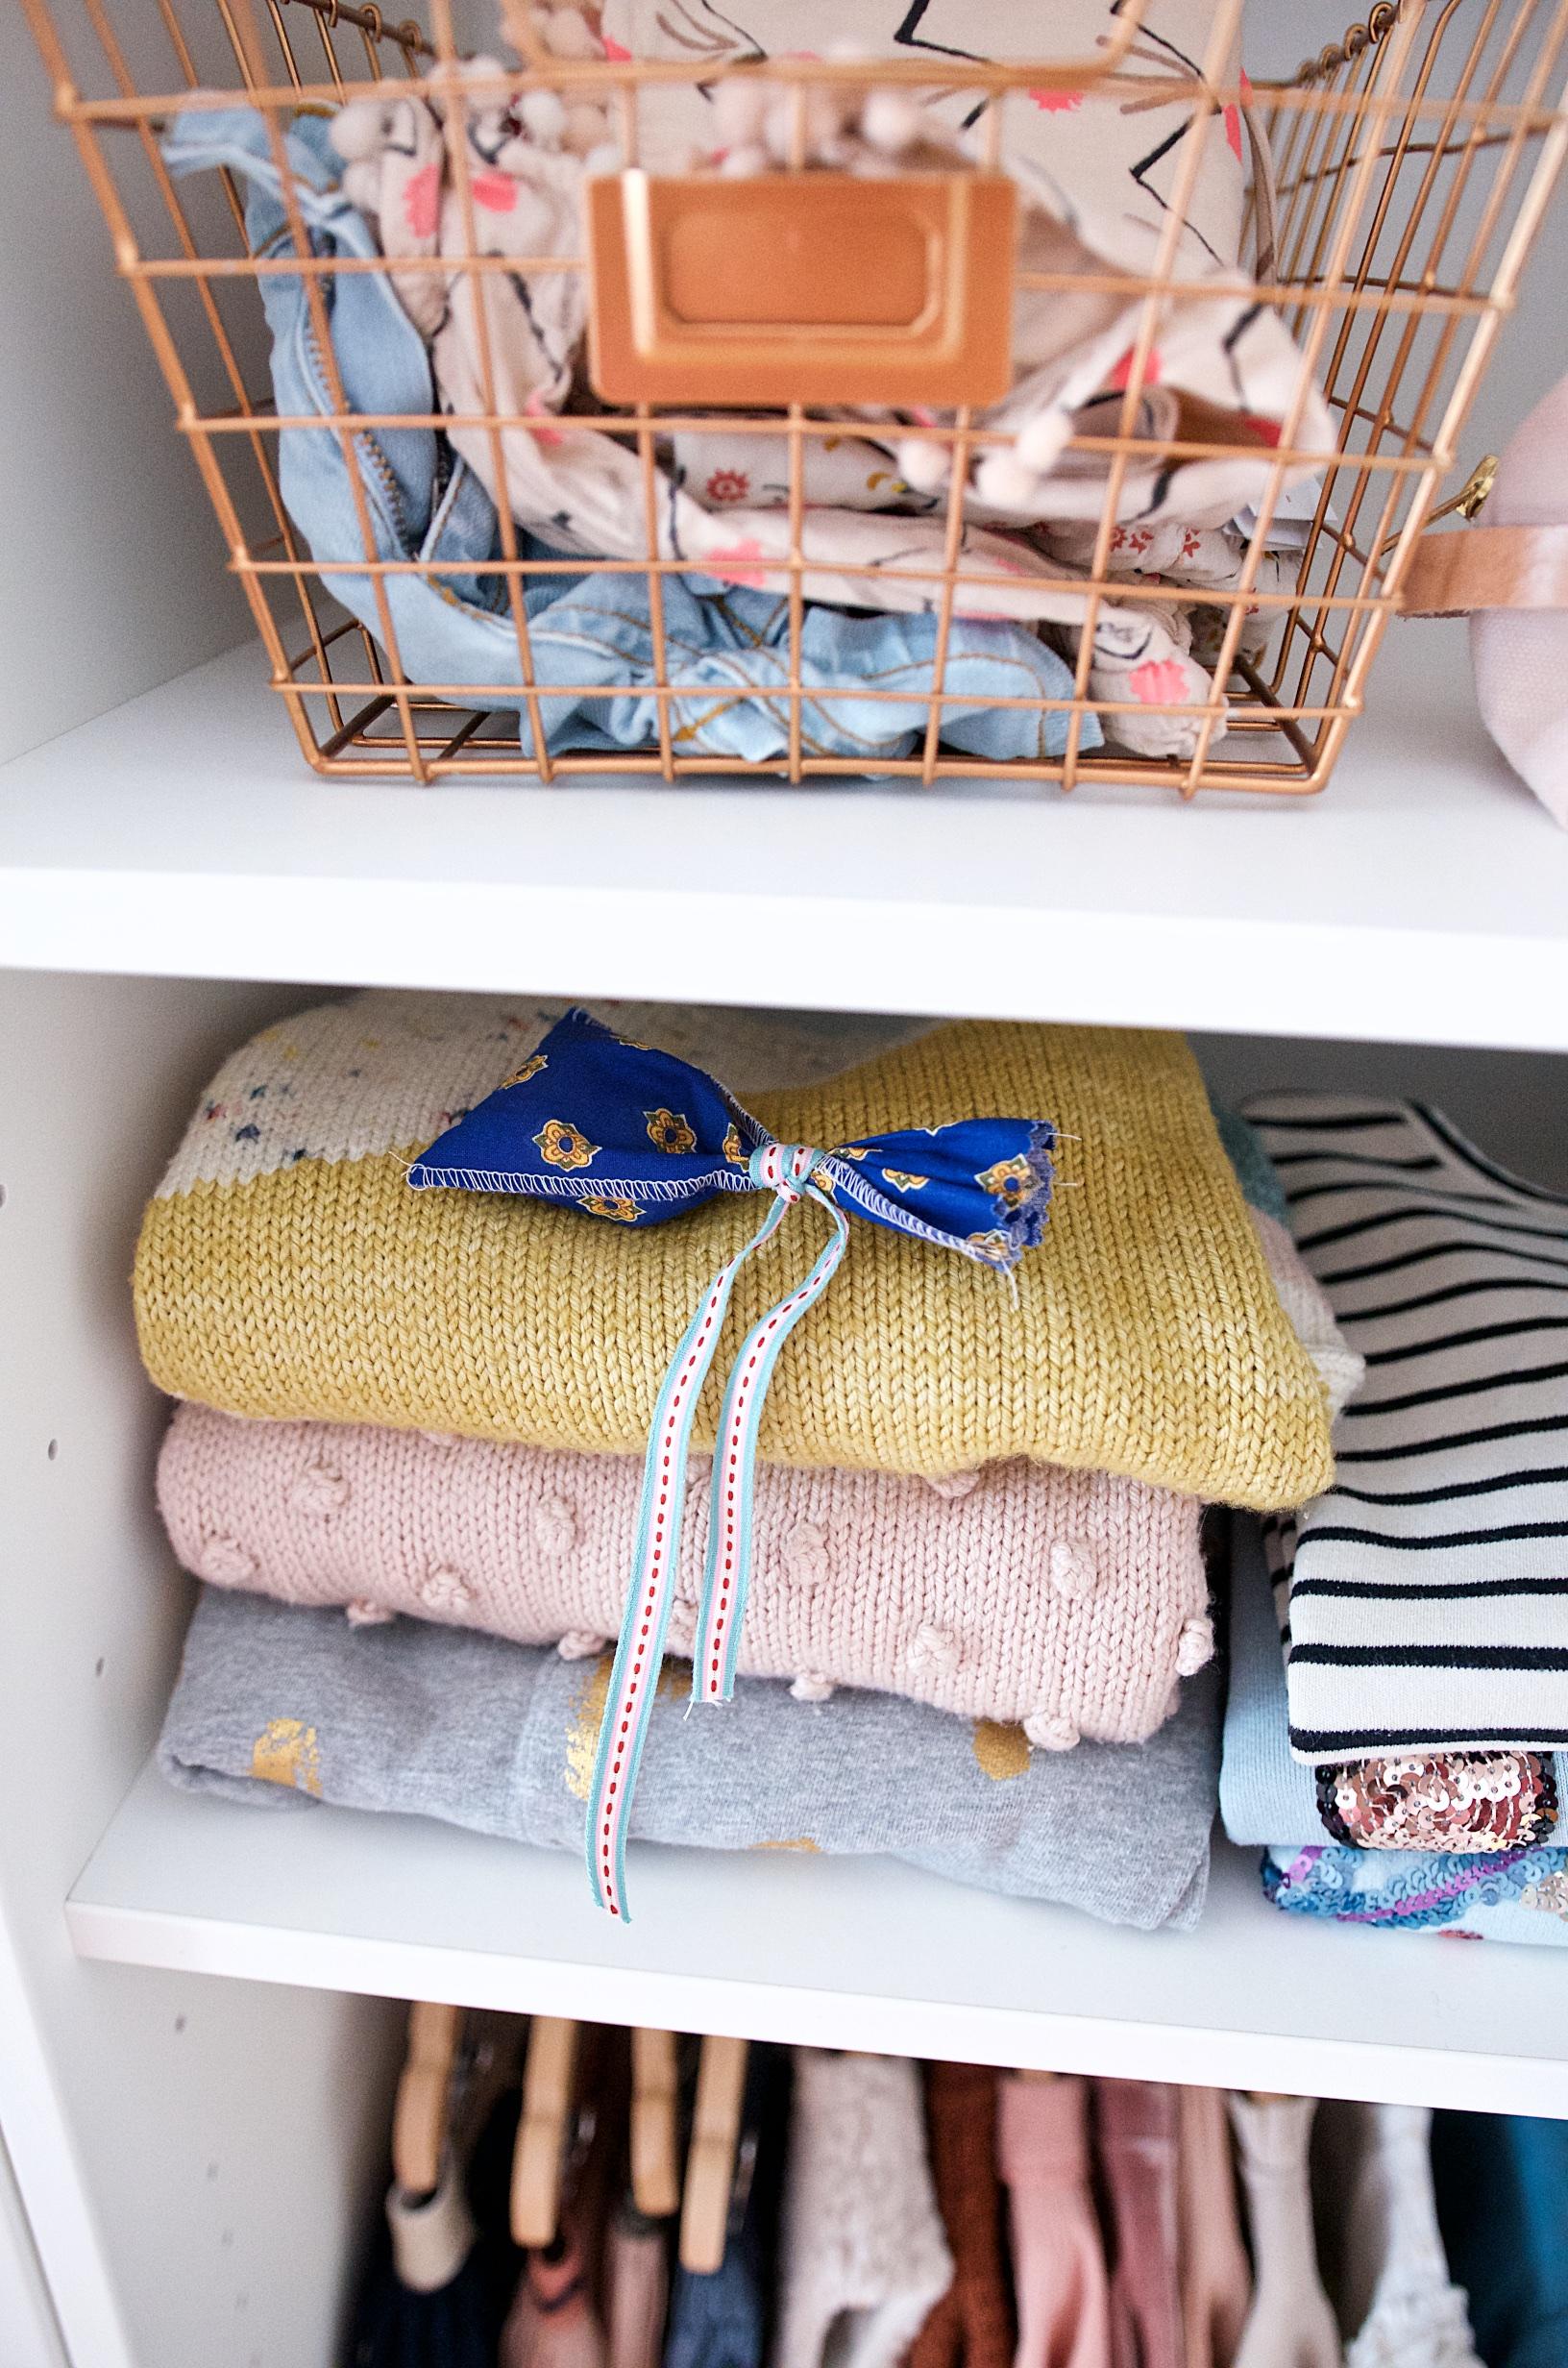 Ordnung im Kinderkleiderschrank dank hübschen Drahtkörben